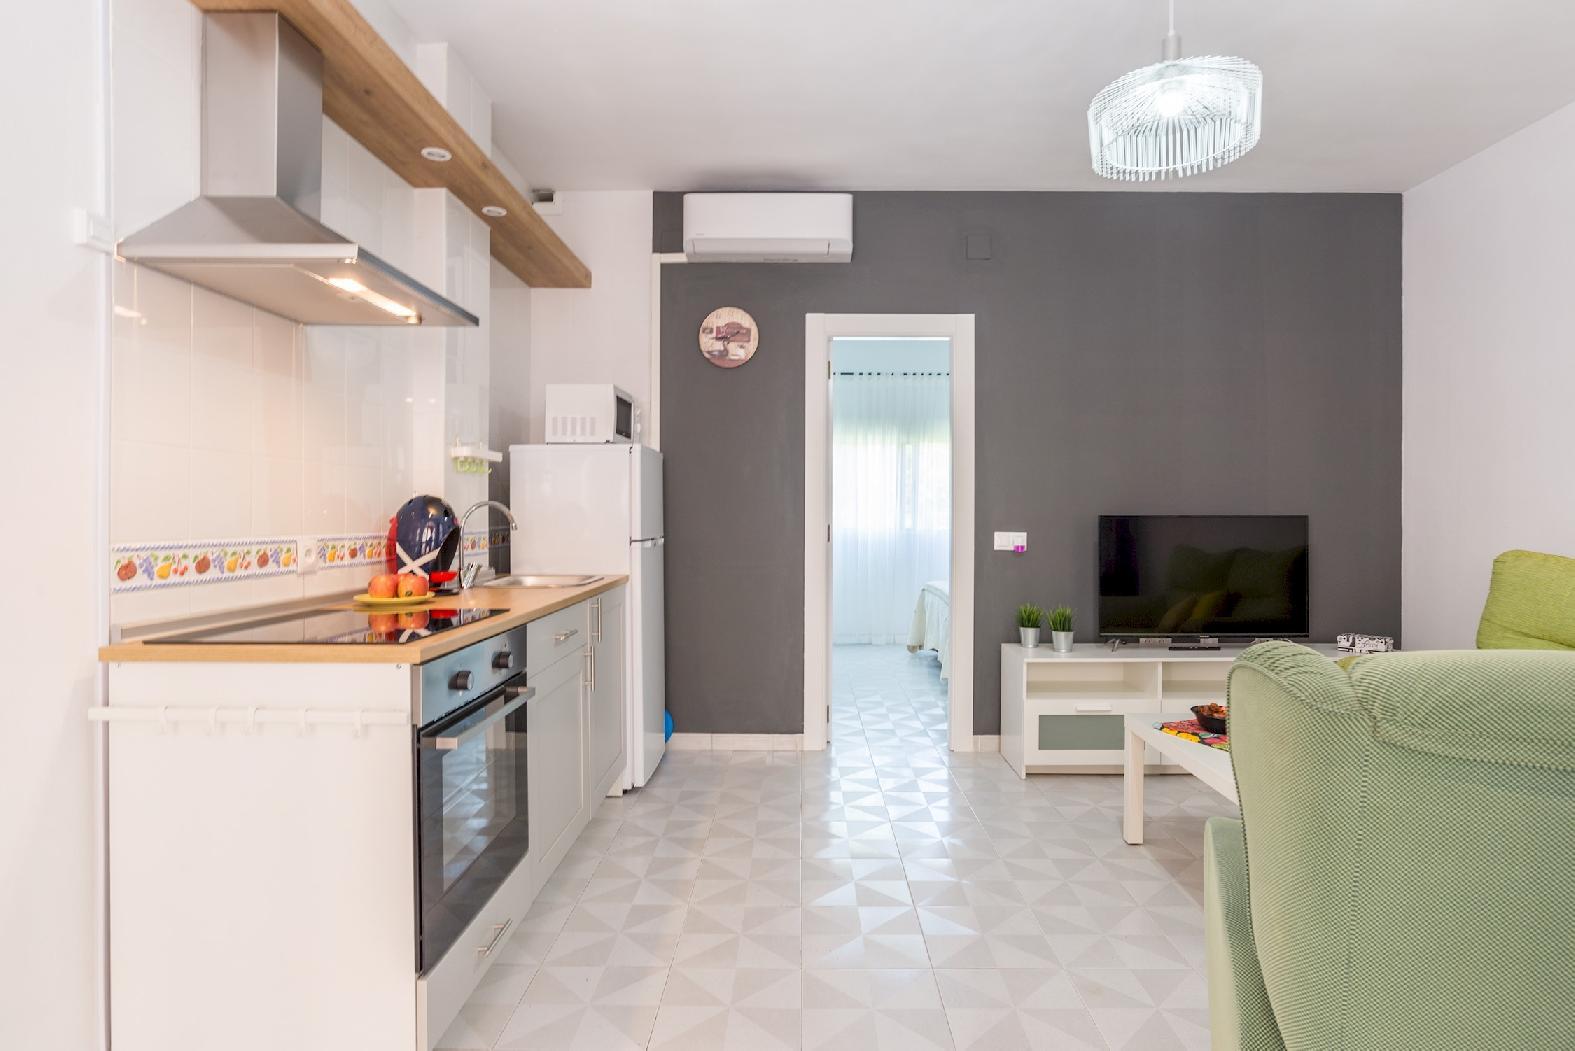 Apartment MalagaSuite Cozy Apartment in Benalmadena photo 14653452